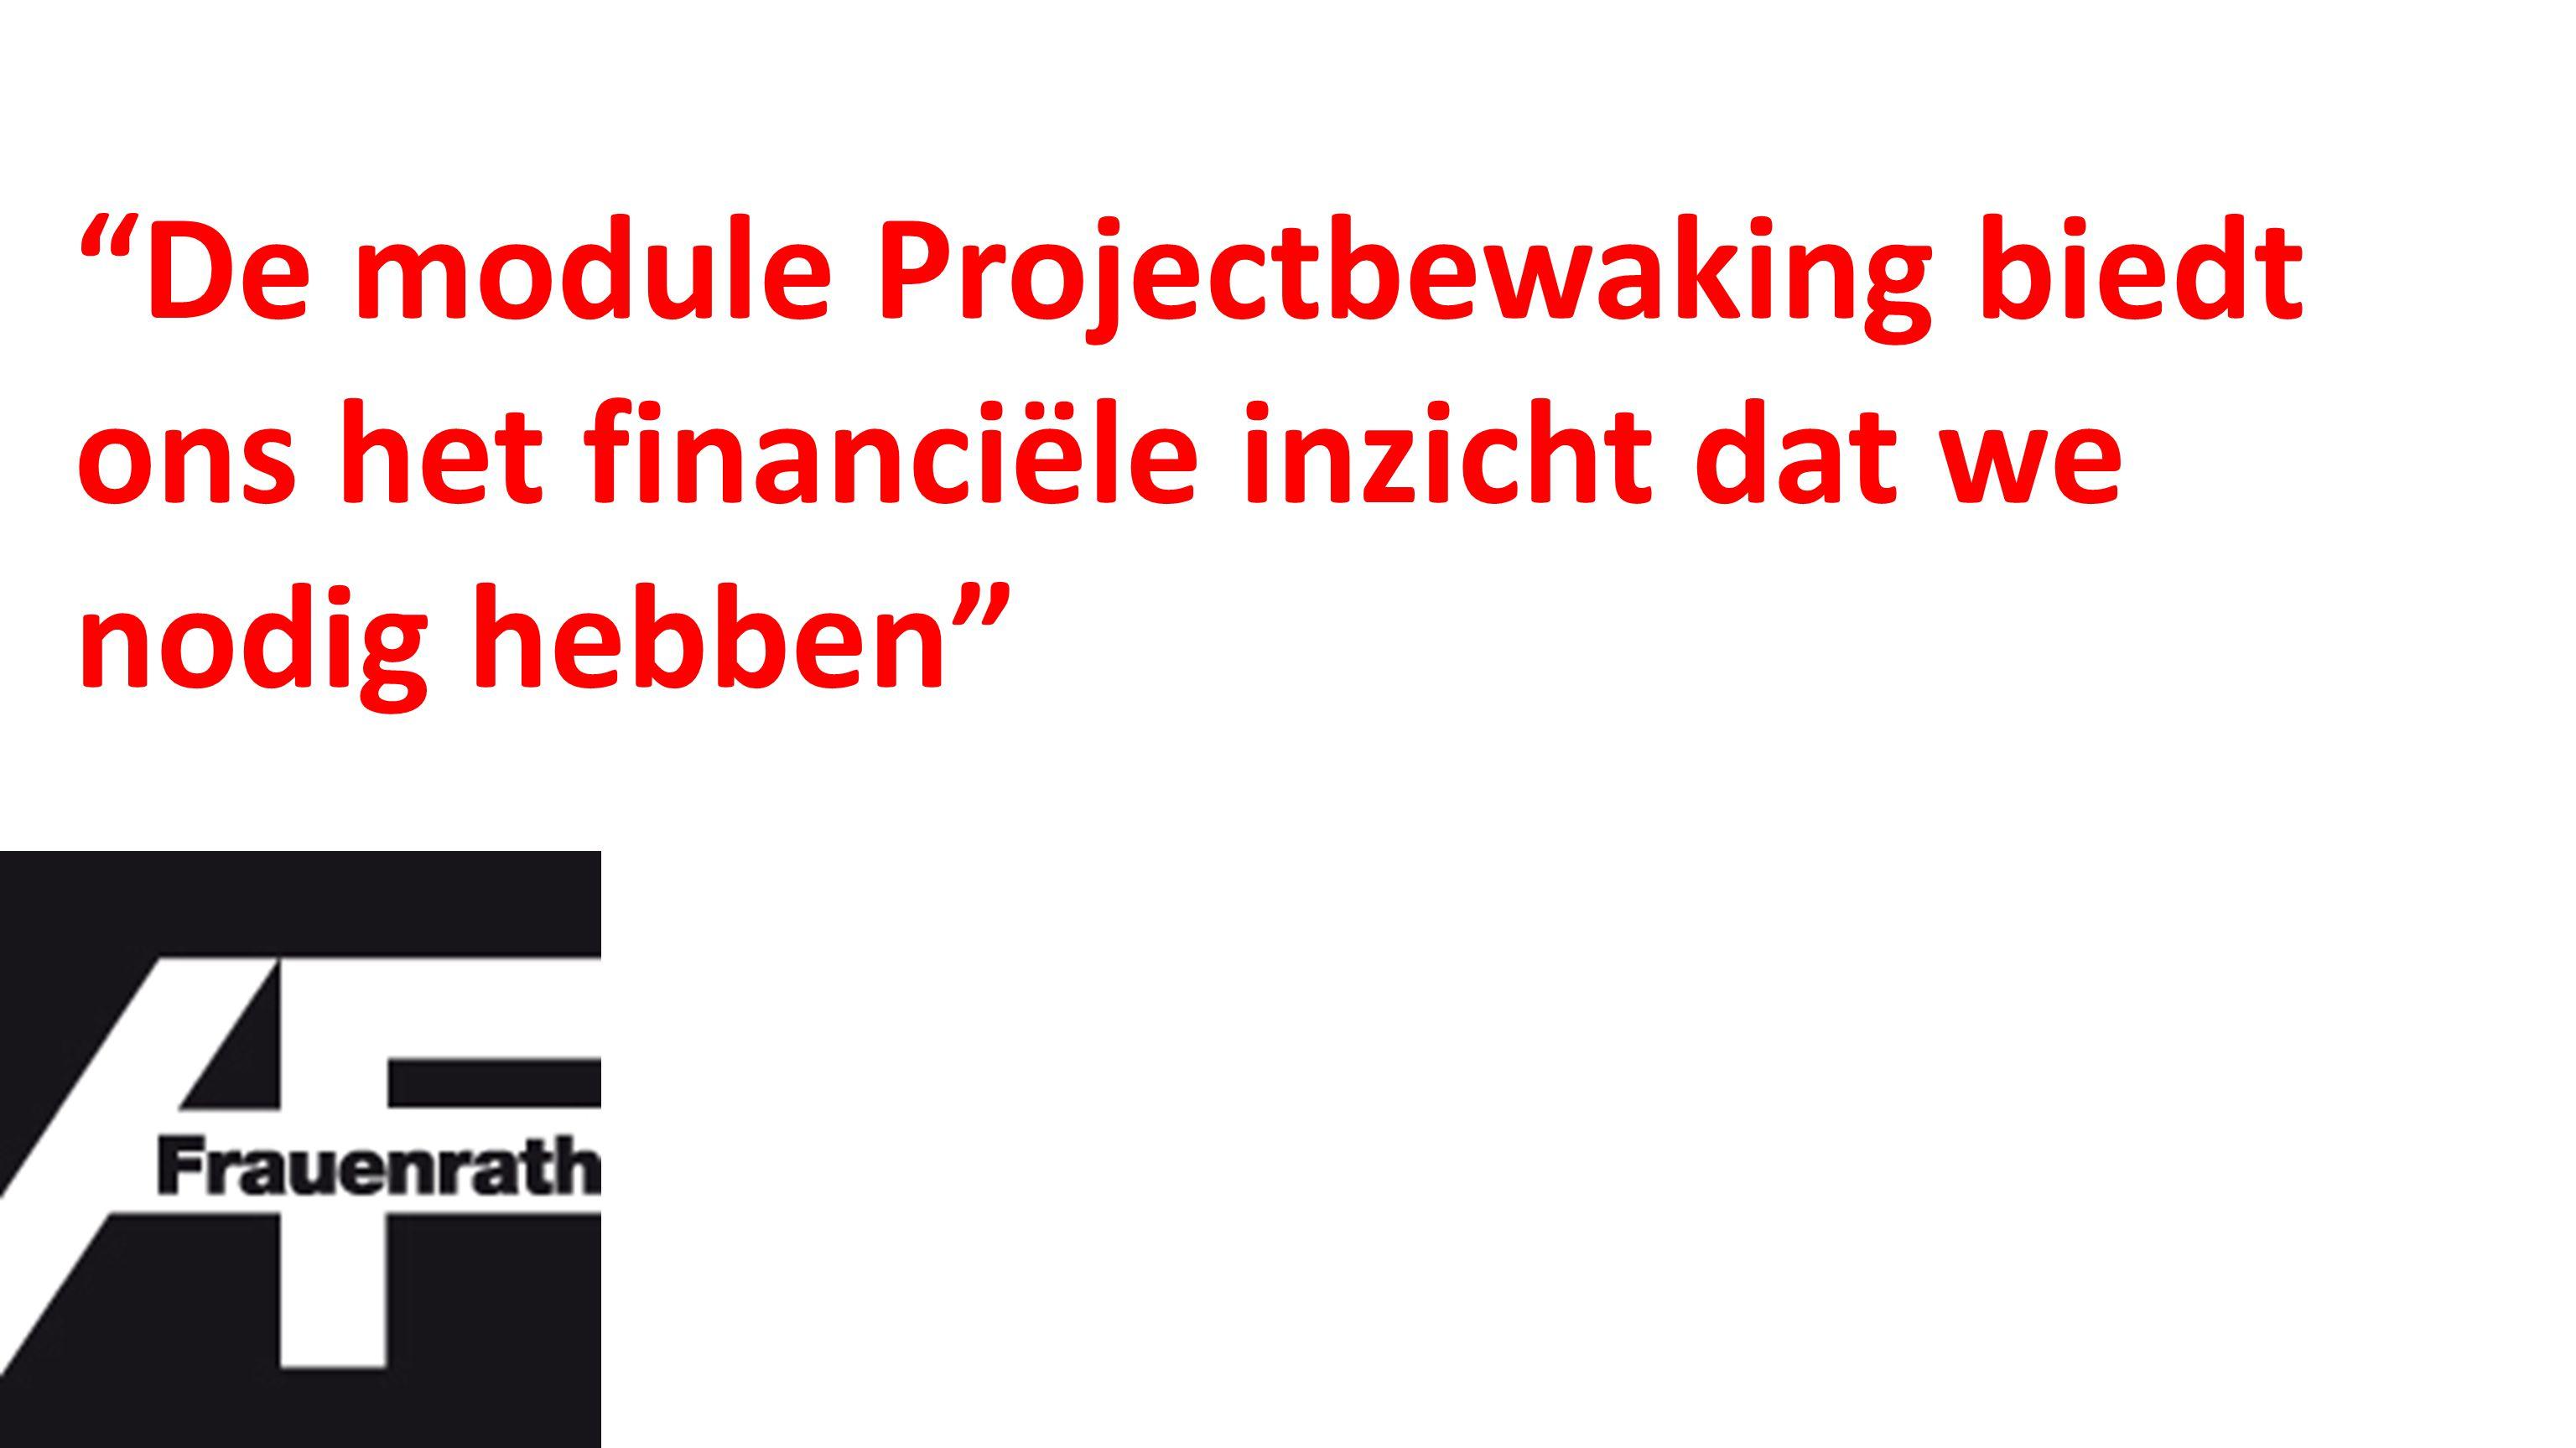 De module Projectbewaking biedt ons het financiële inzicht dat we nodig hebben